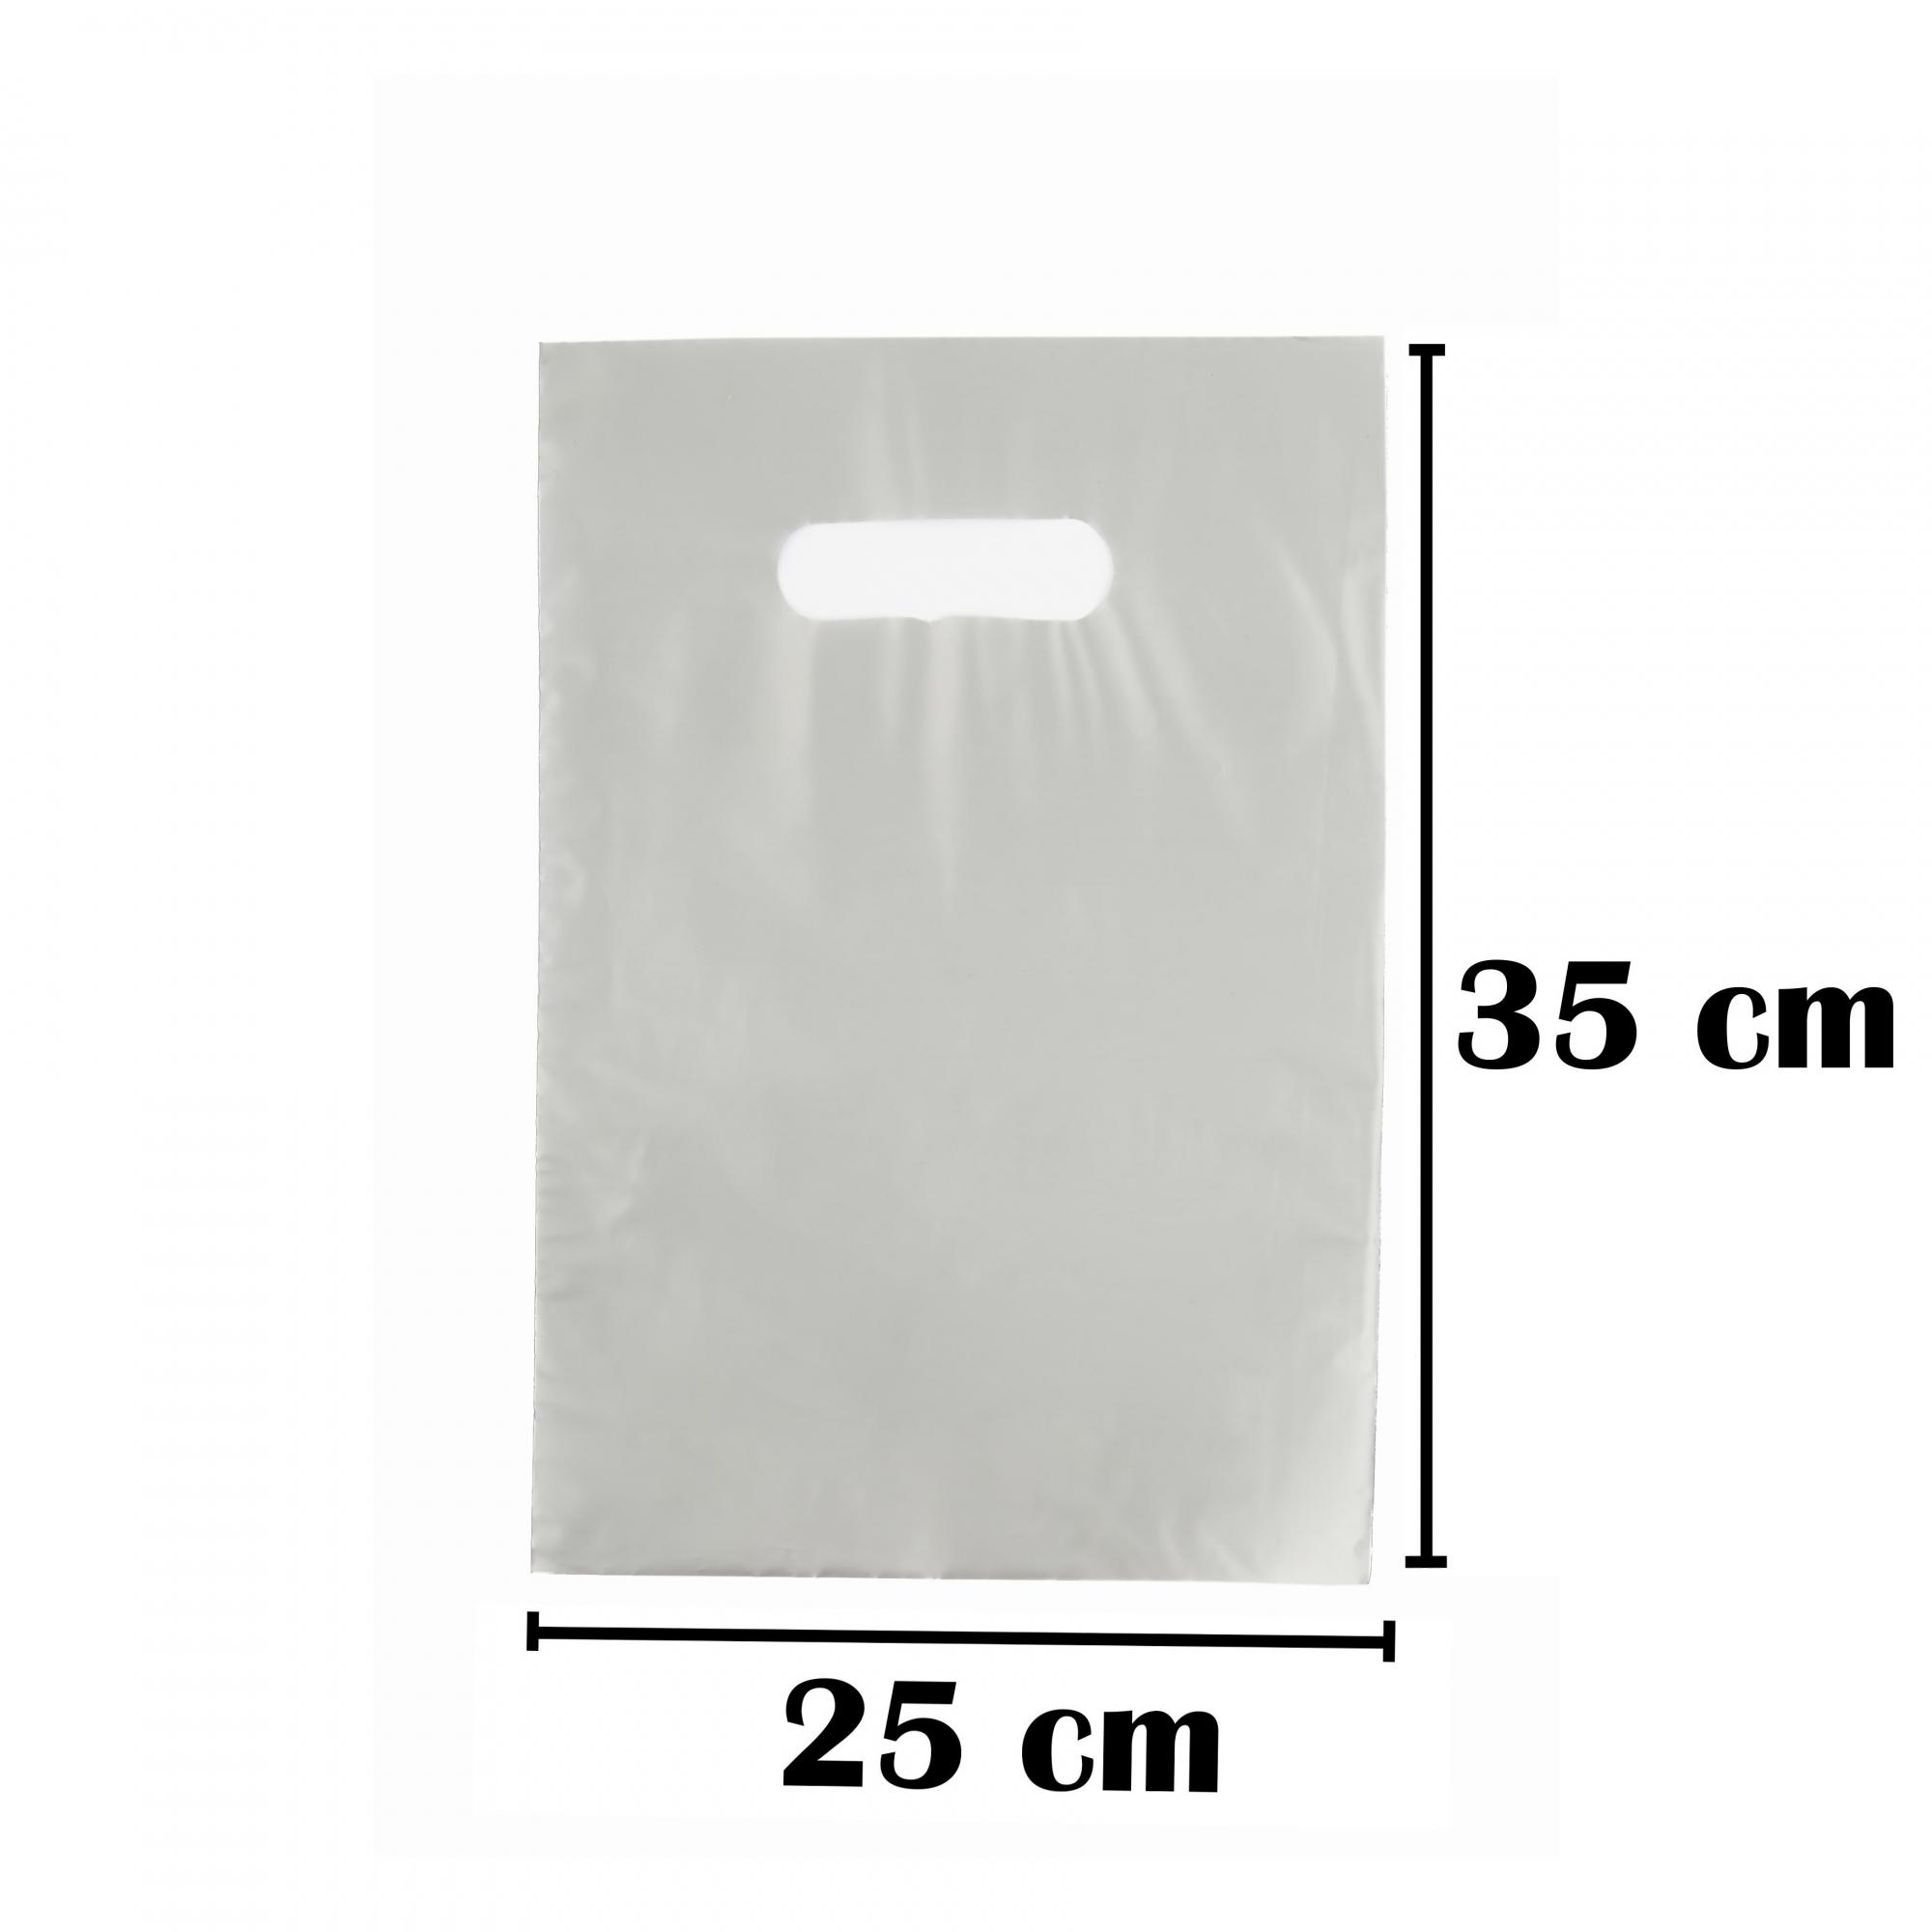 Sacola Plástica 25x35 Prata Alça Boca de Palhaço 1.000 Unidades